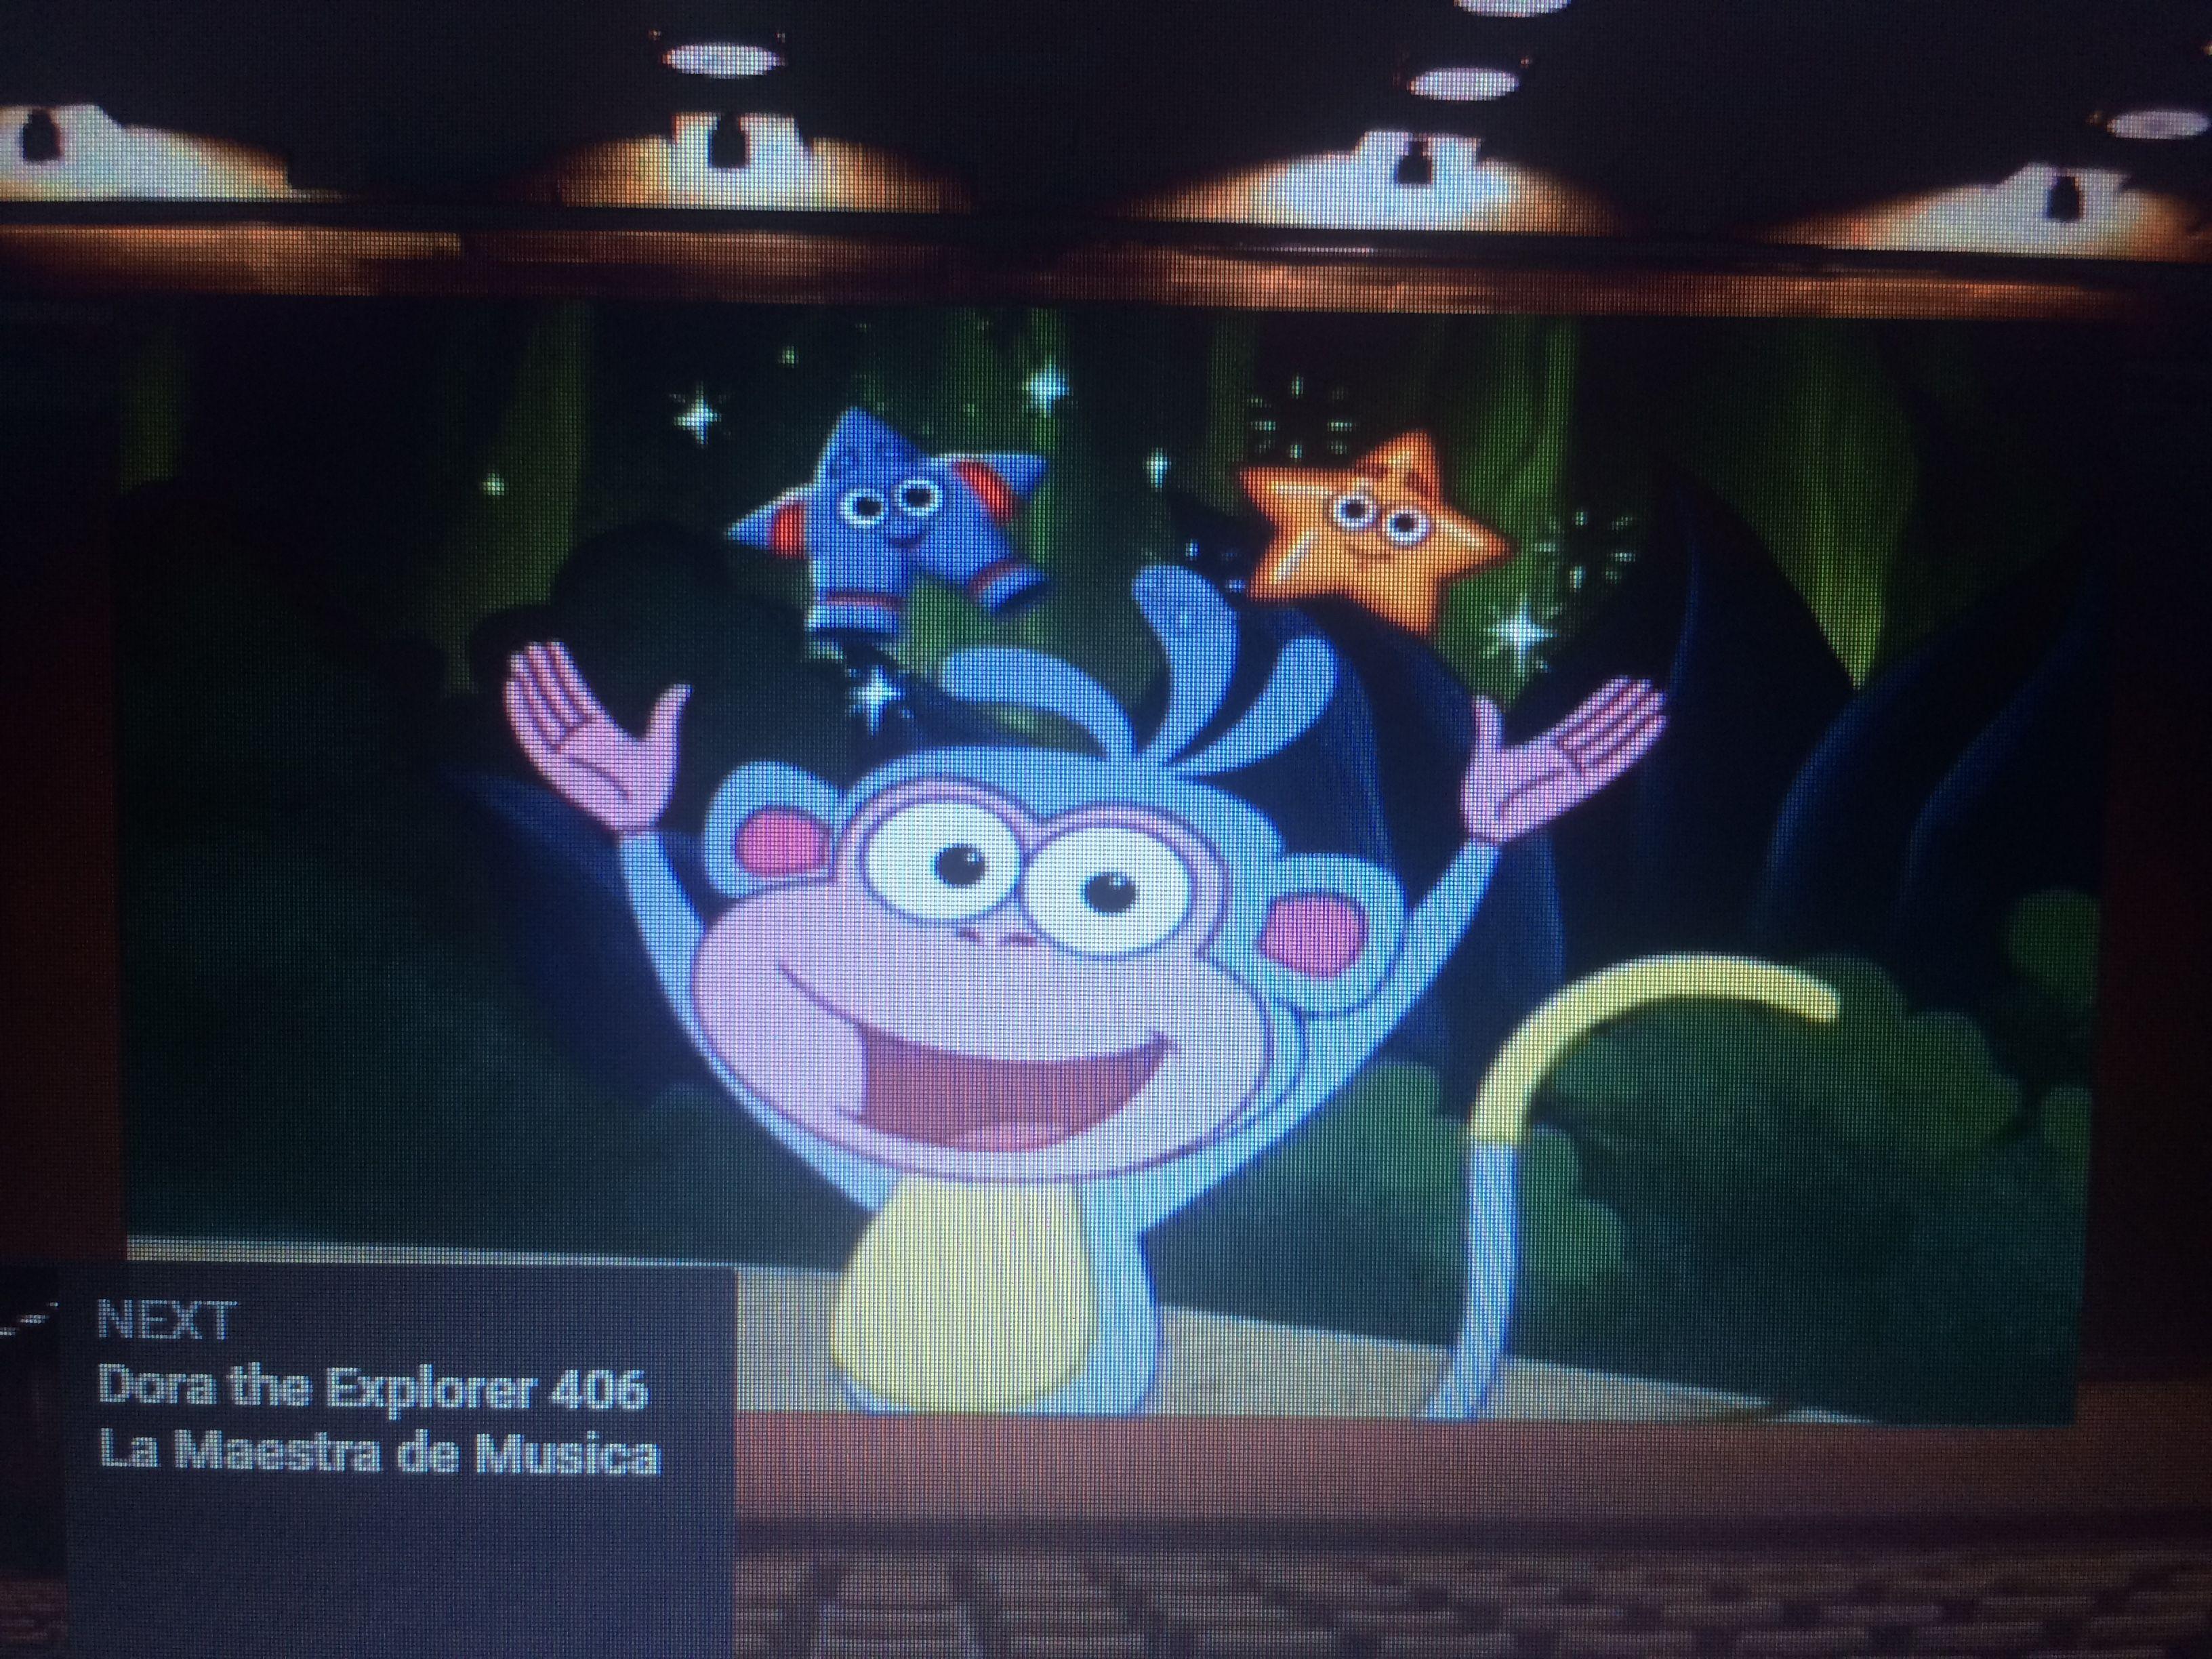 Dora the Explorer 406 La Maestra de Música - YouTube